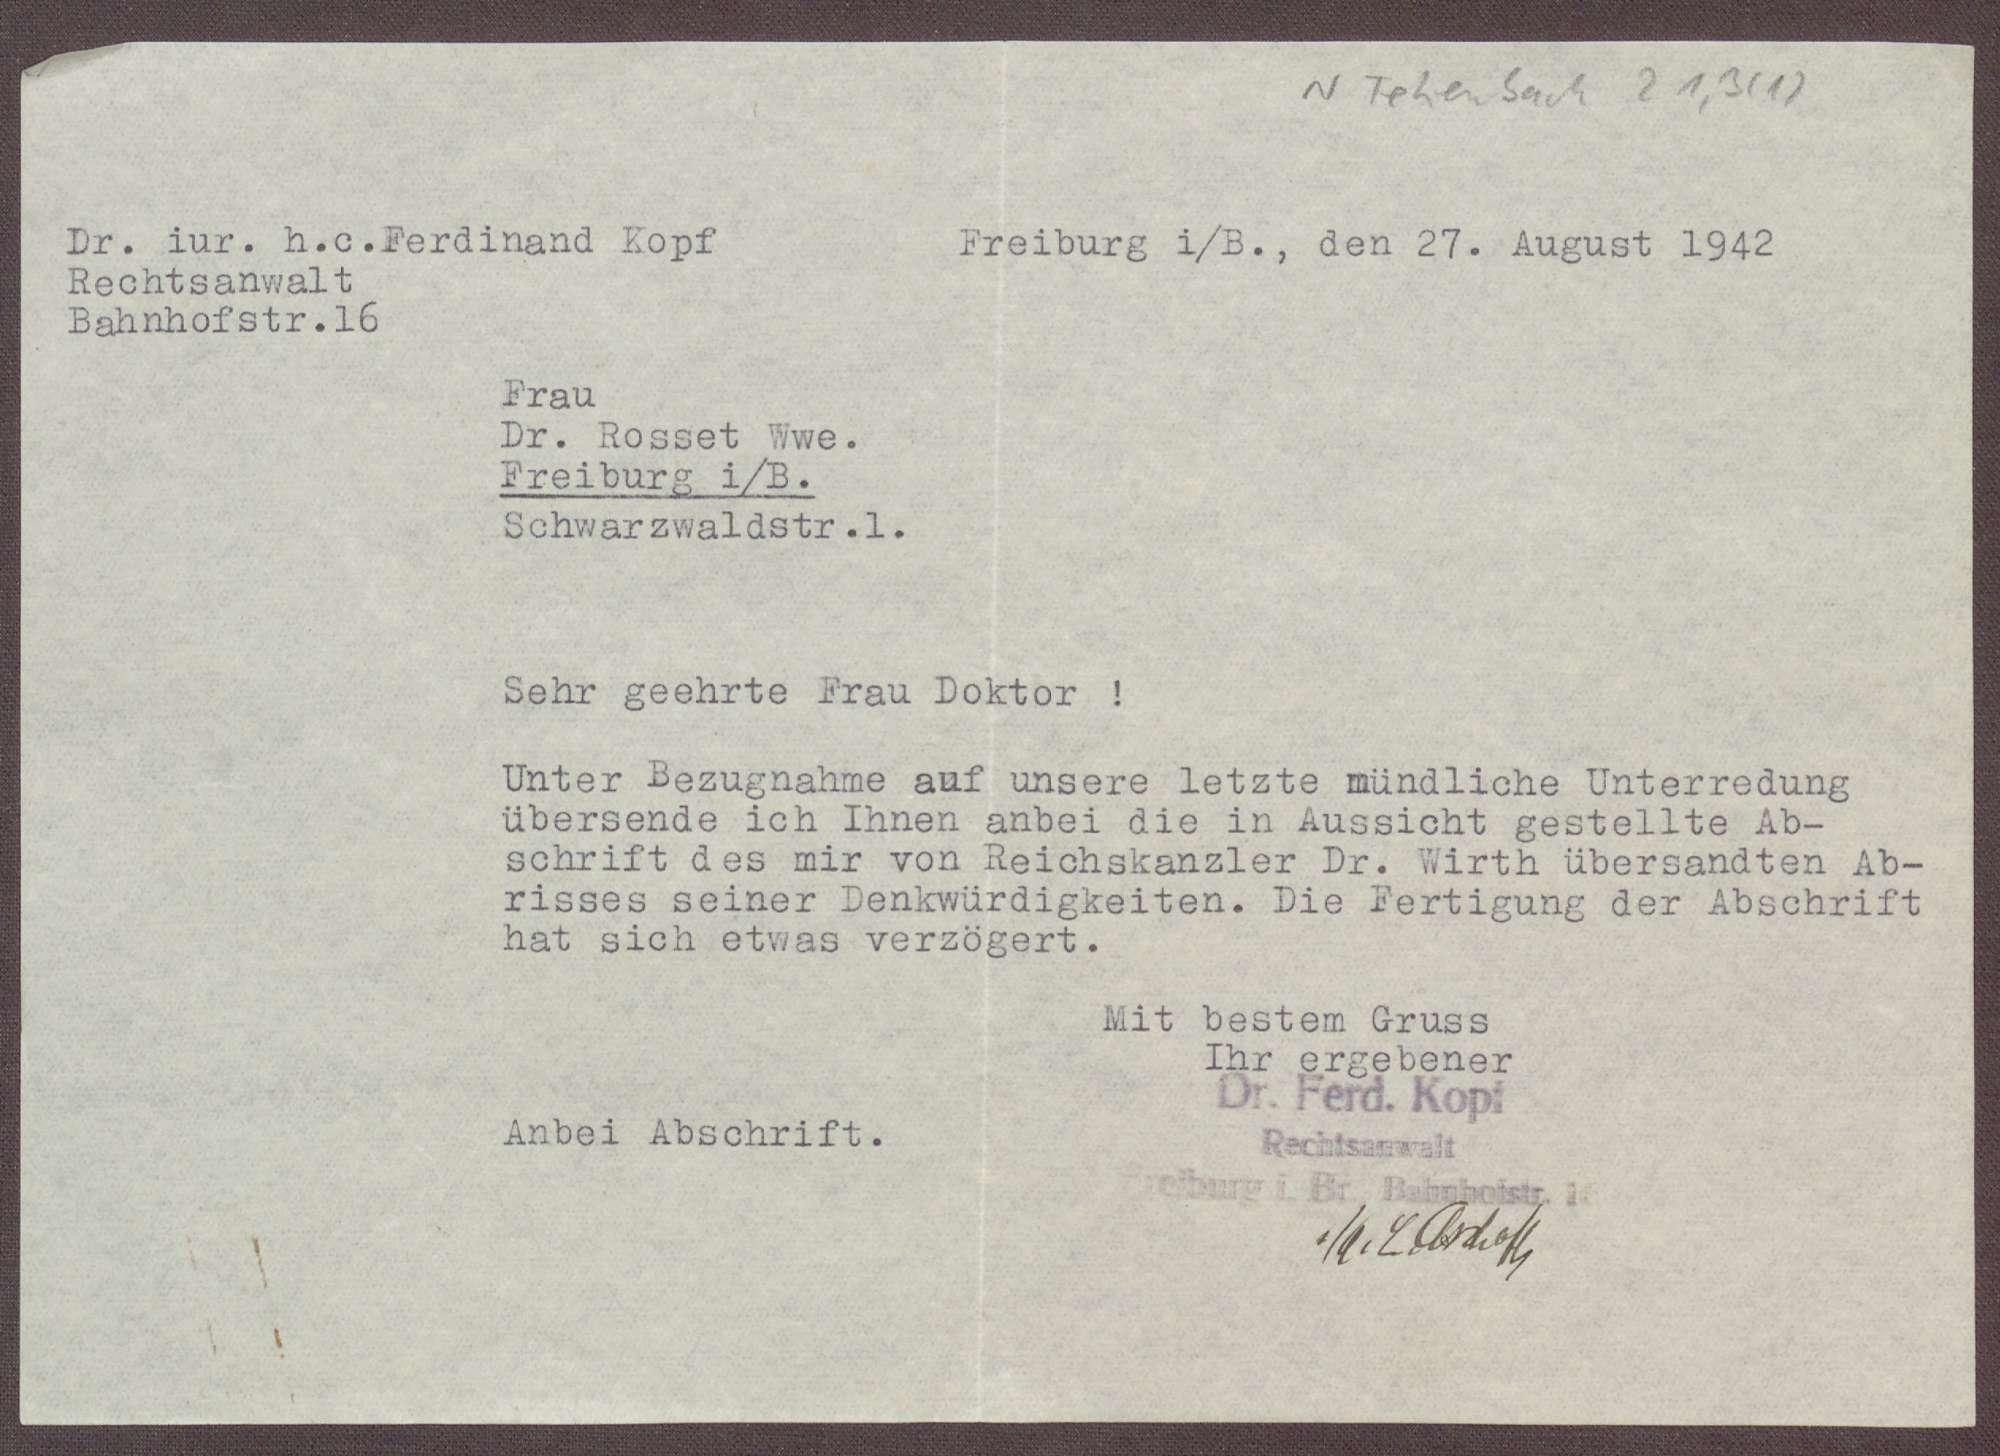 Schreiben von Ferdinand Kopf an Elisabeth Rosset, Übersendung einer Abschrift der Memoiren von Joseph Wirth, Bild 1